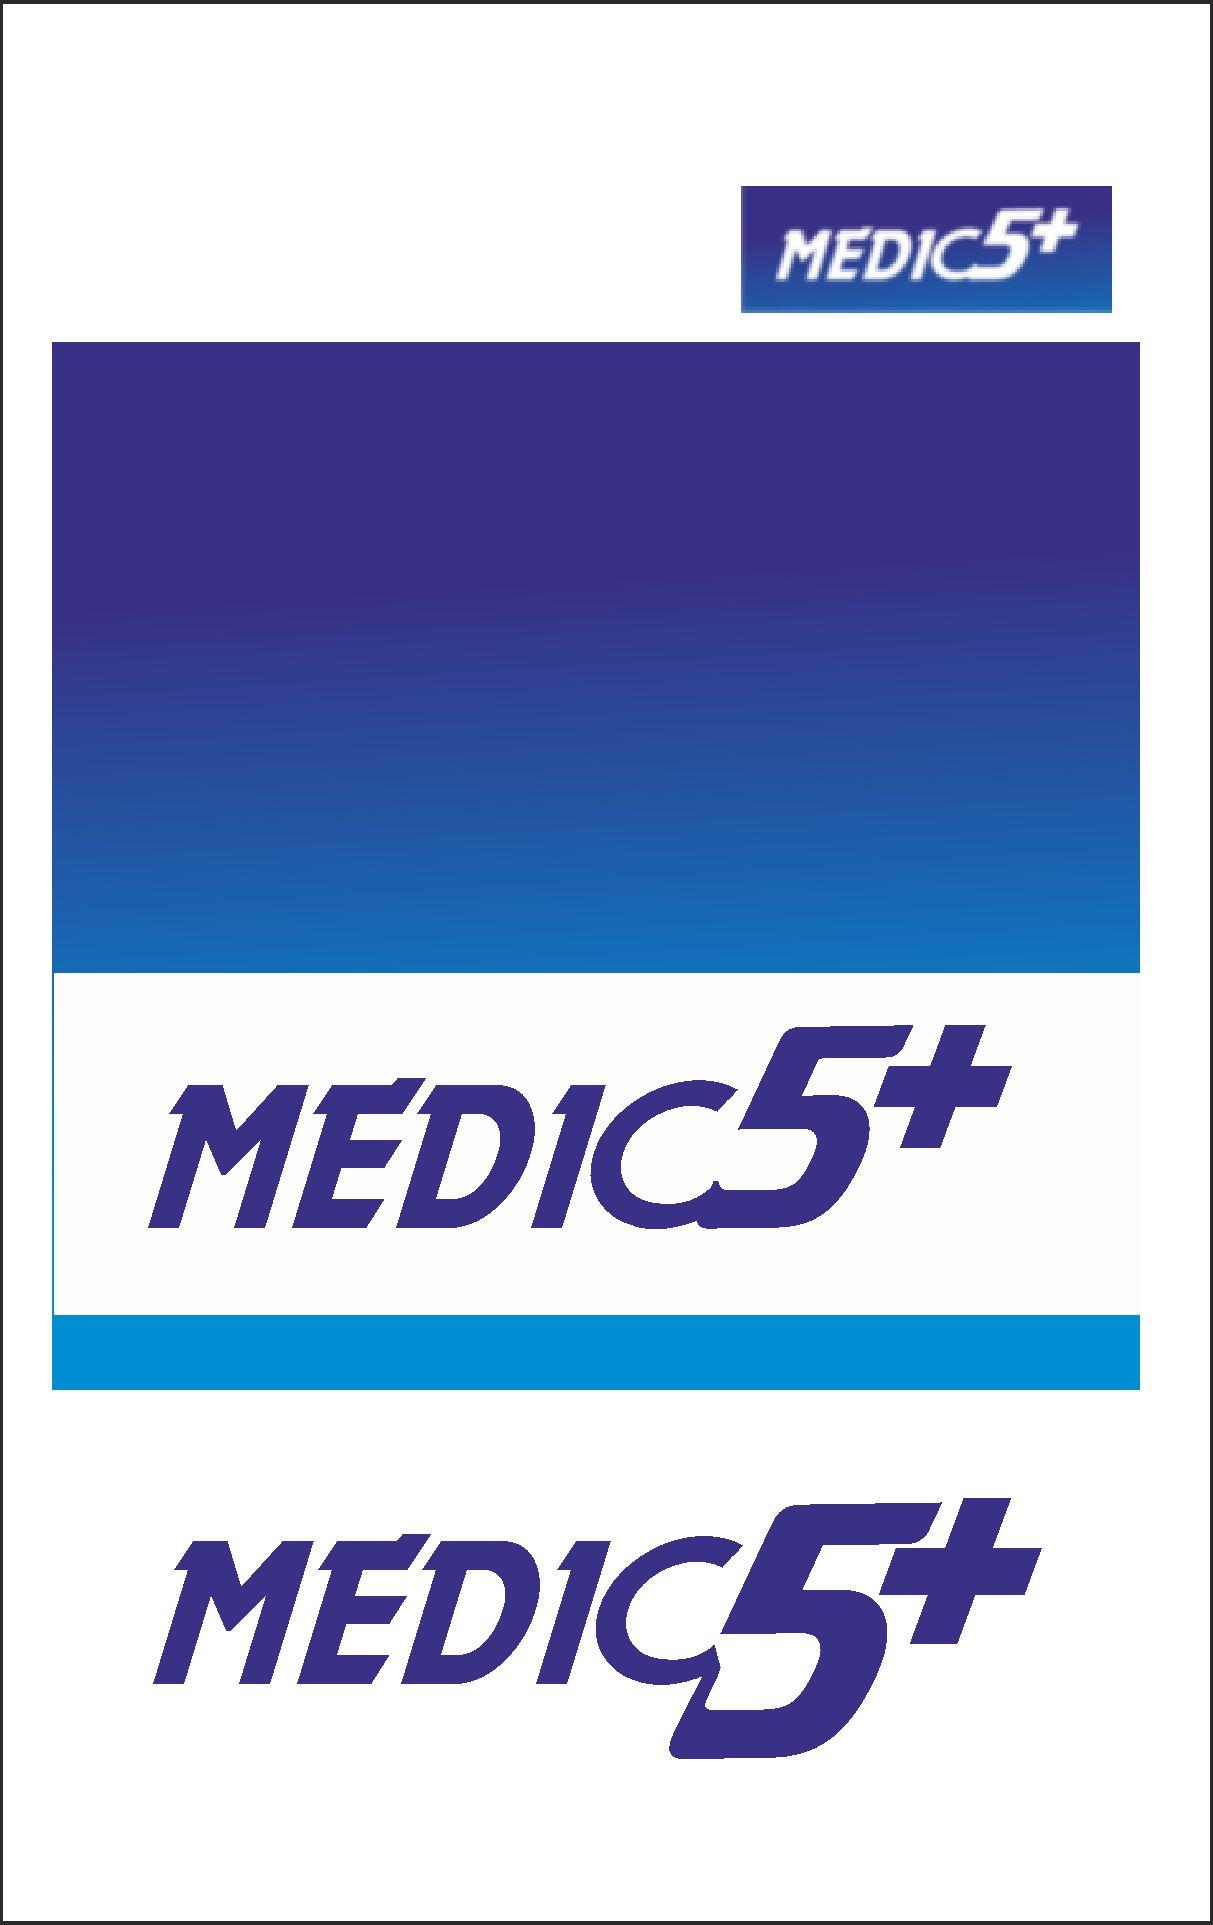 Готовый логотип или эскиз (мед. тематика) фото f_33755af63d38247b.jpg